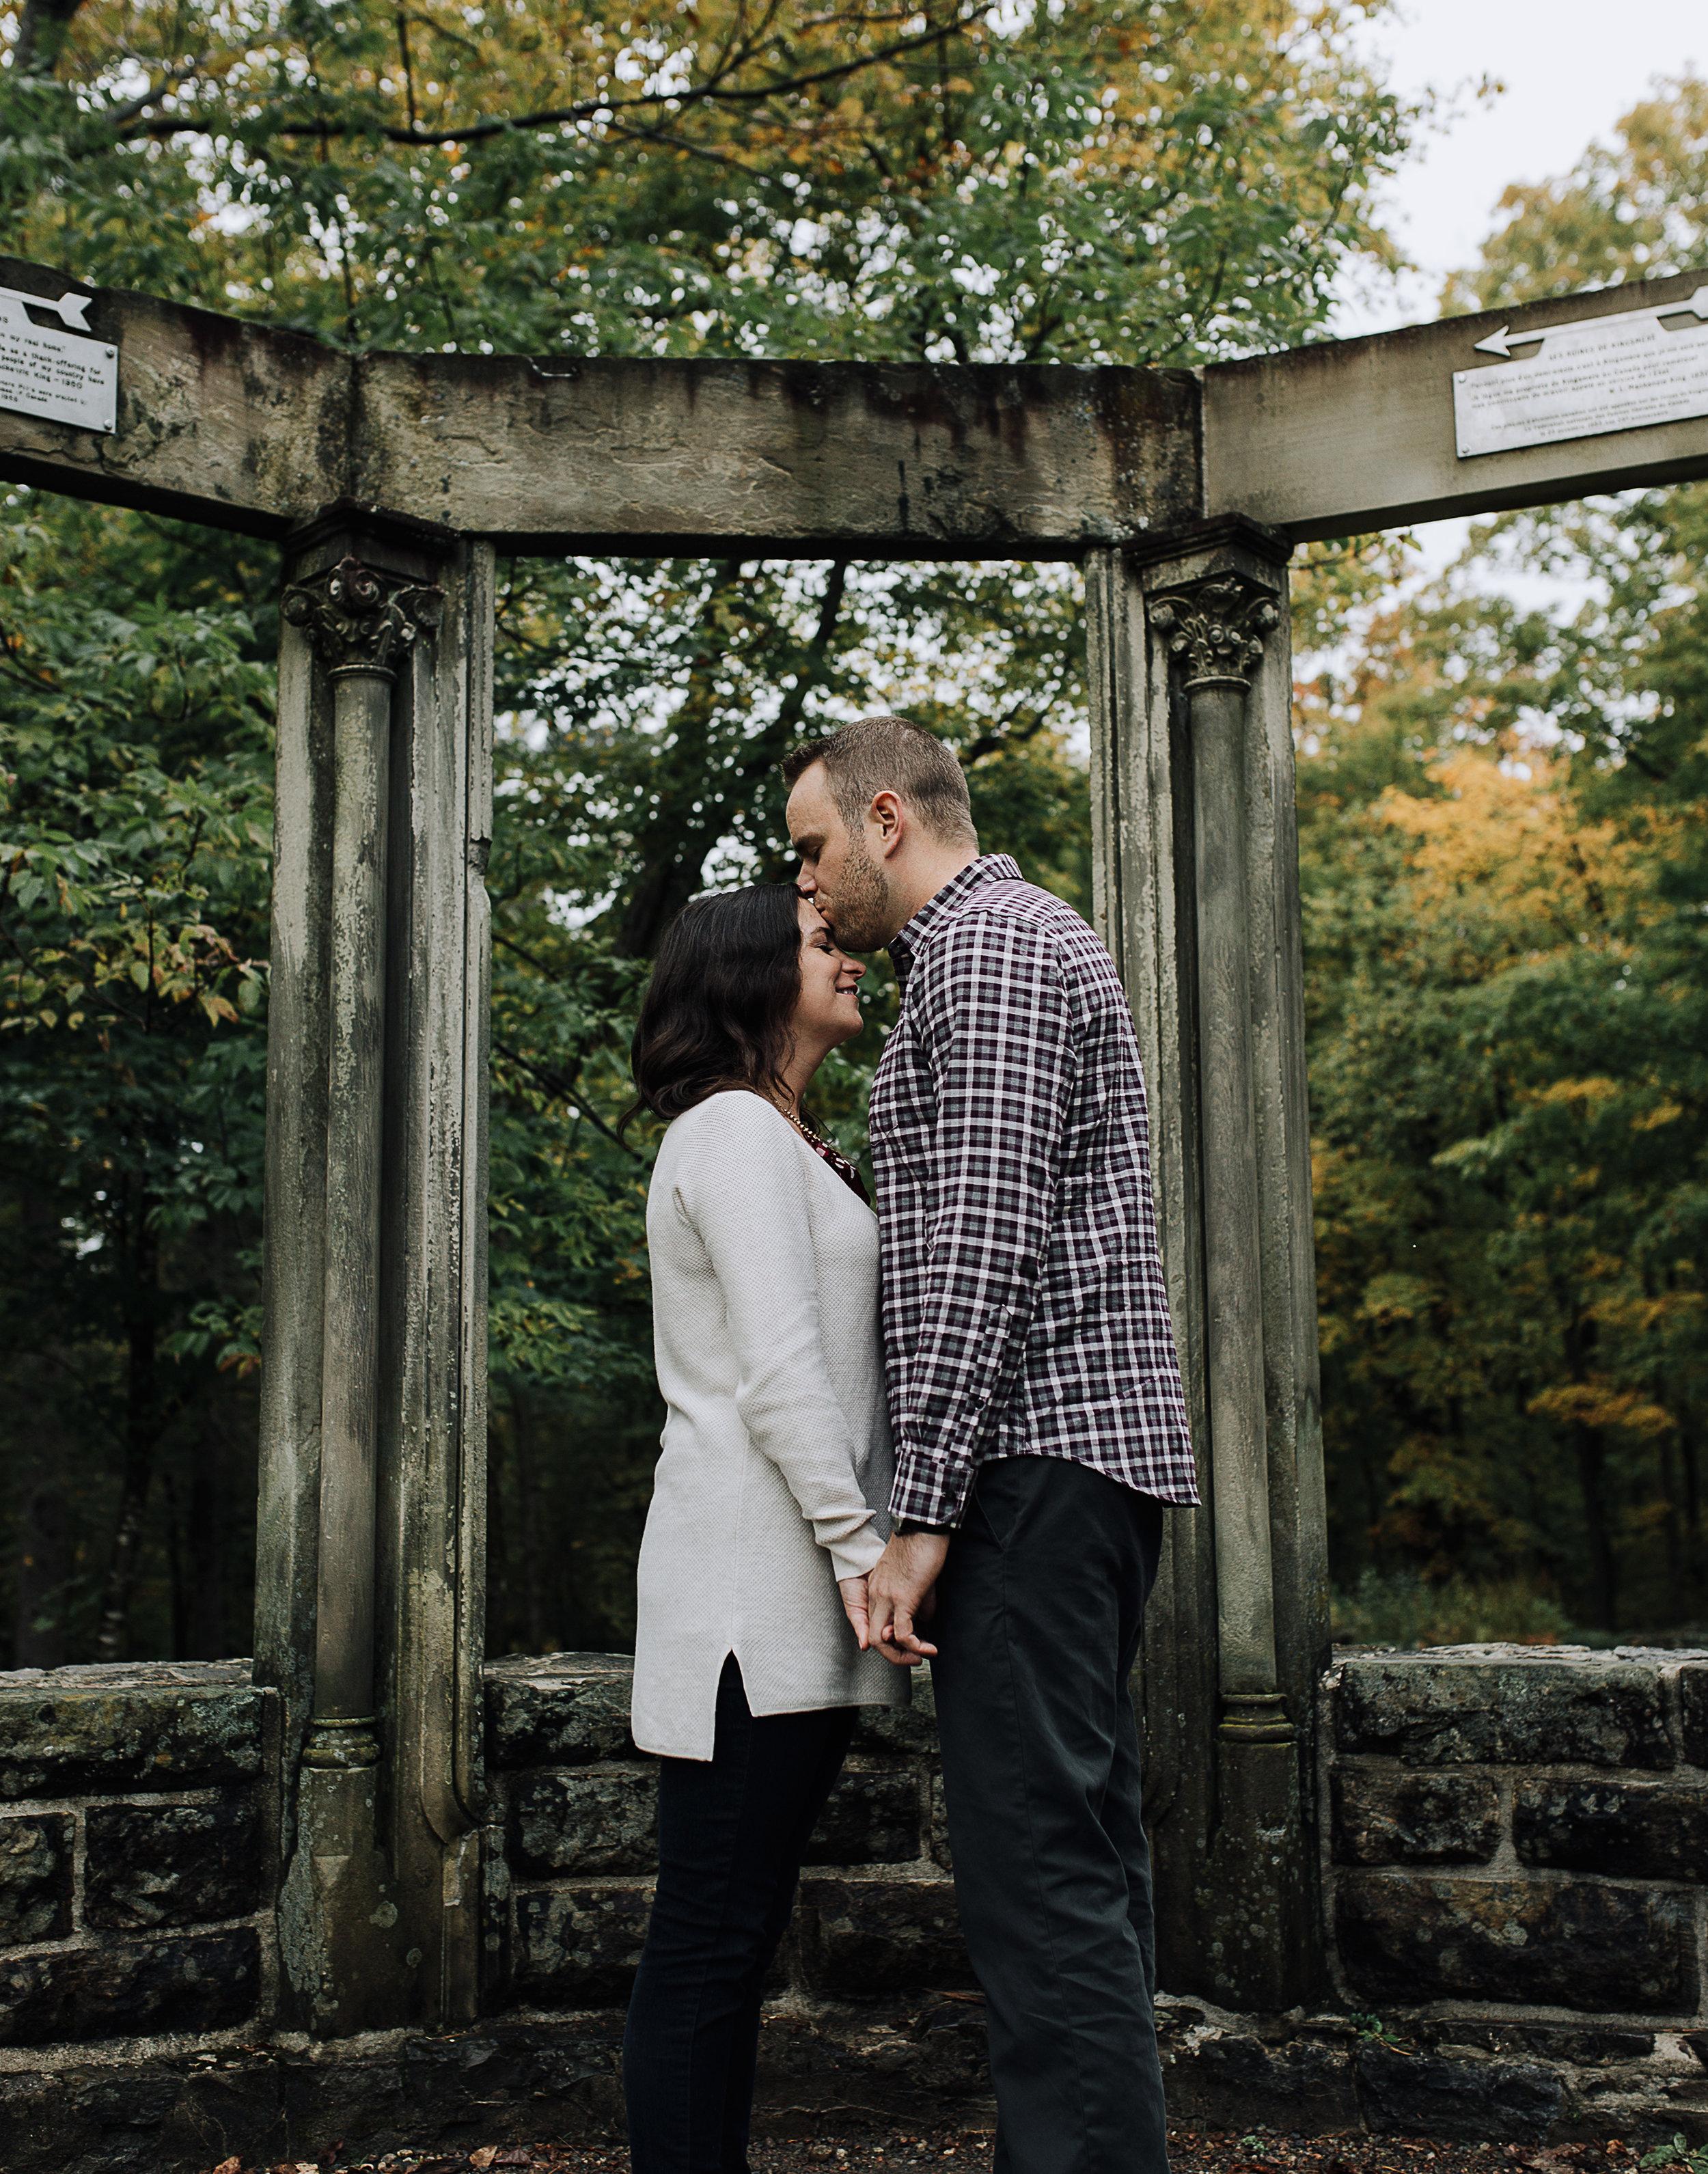 Evie&Glenn10.14.17-03.jpg